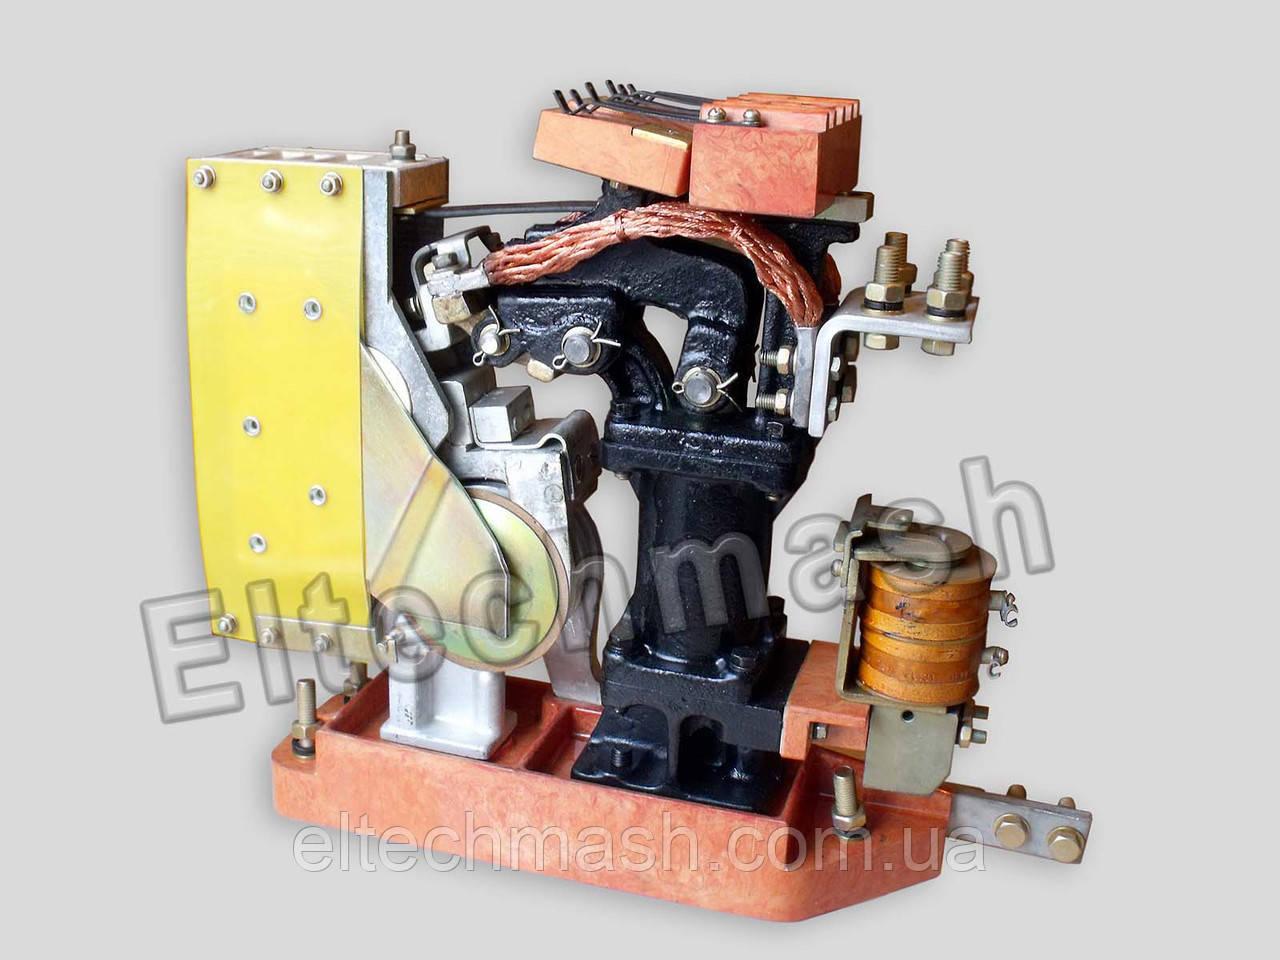 ПК-753Б-6 У2, ПК-753Б-5 У2, ПК-753Б-9 У2, Контактор электропневматический (2TX.420.013, ИАКВ.644761.003)